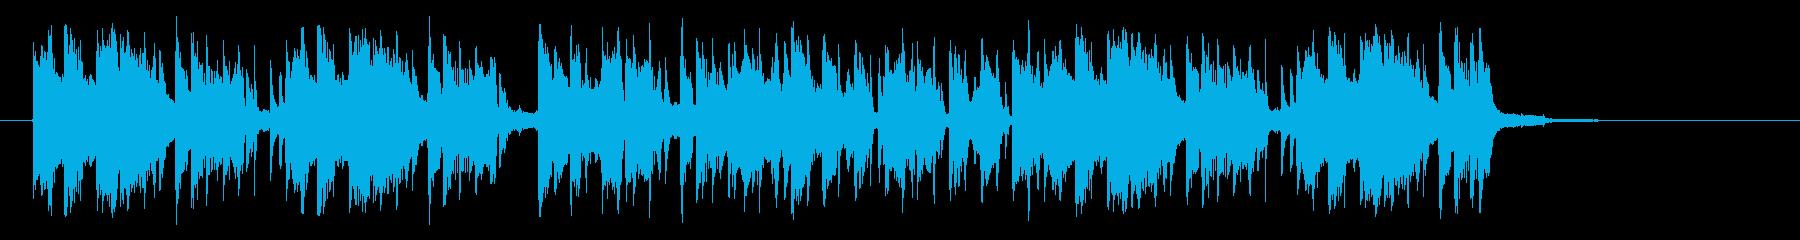 ミディアムテンポの不思議なシンセジングルの再生済みの波形